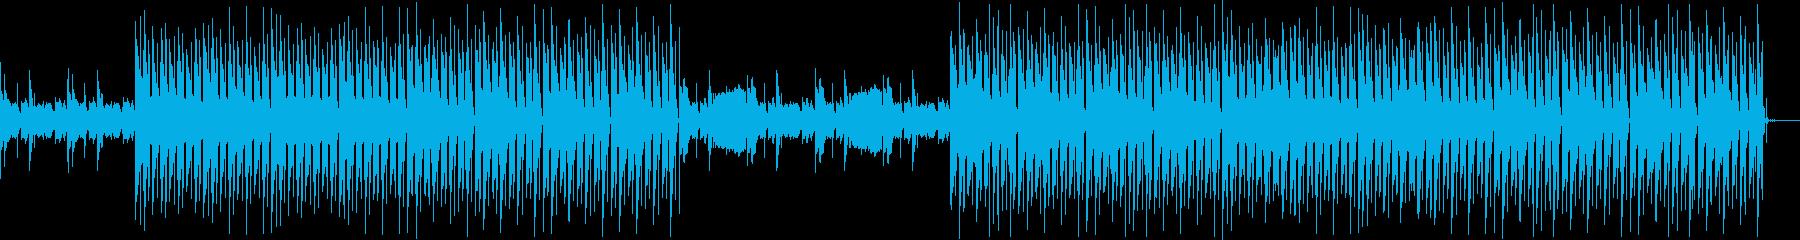 おしゃれ・空気感・EDM・透明感6の再生済みの波形